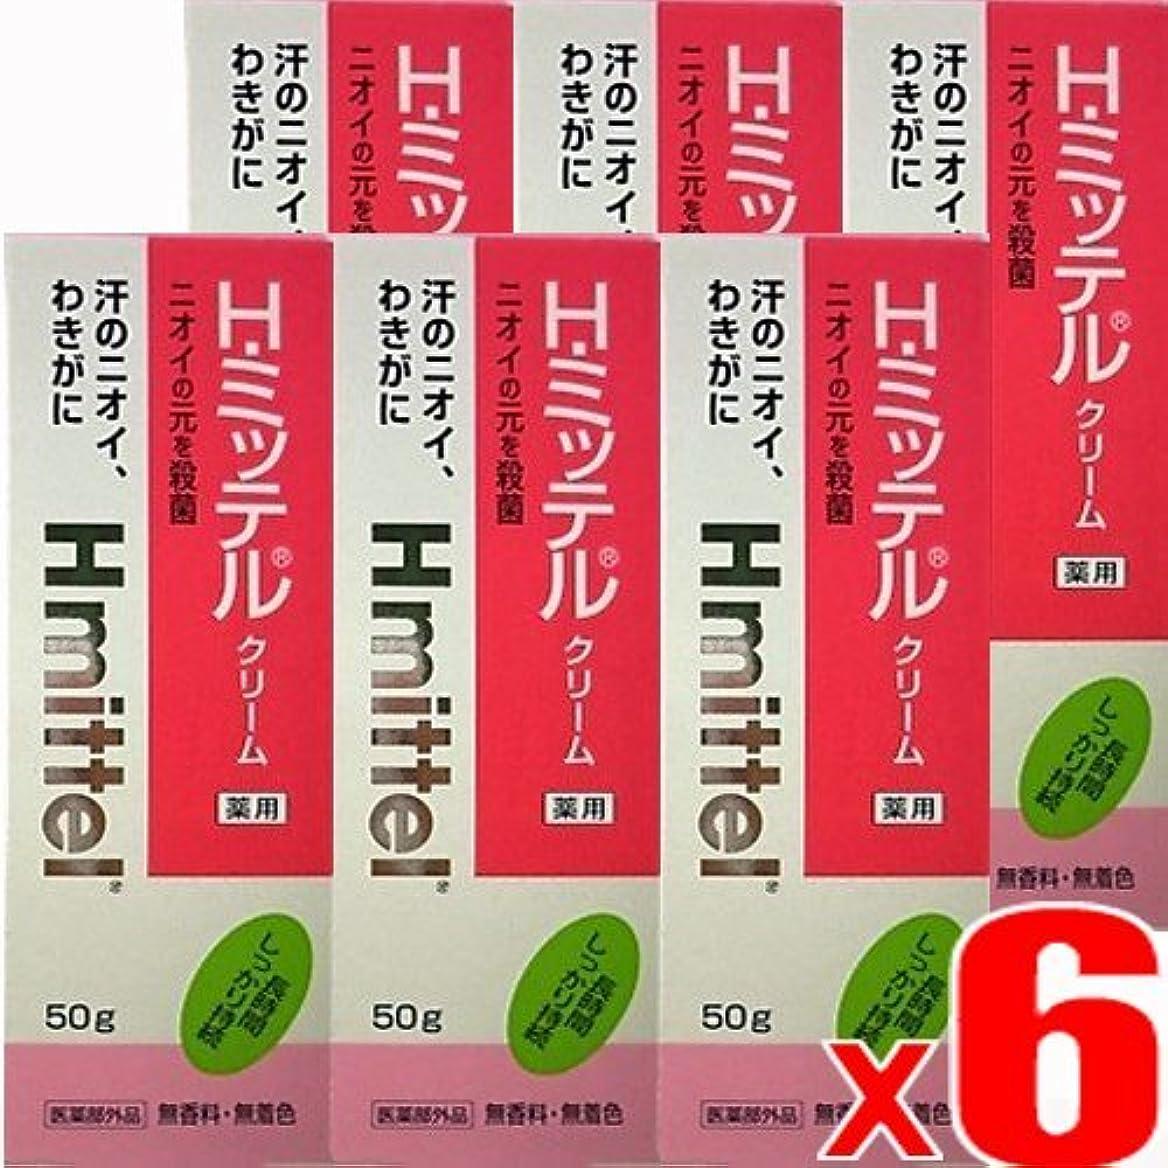 ブーム兵器庫人質【50g x6個】クラシエ Hミッテル クリーム 50gx6個 (4987045055850-6)